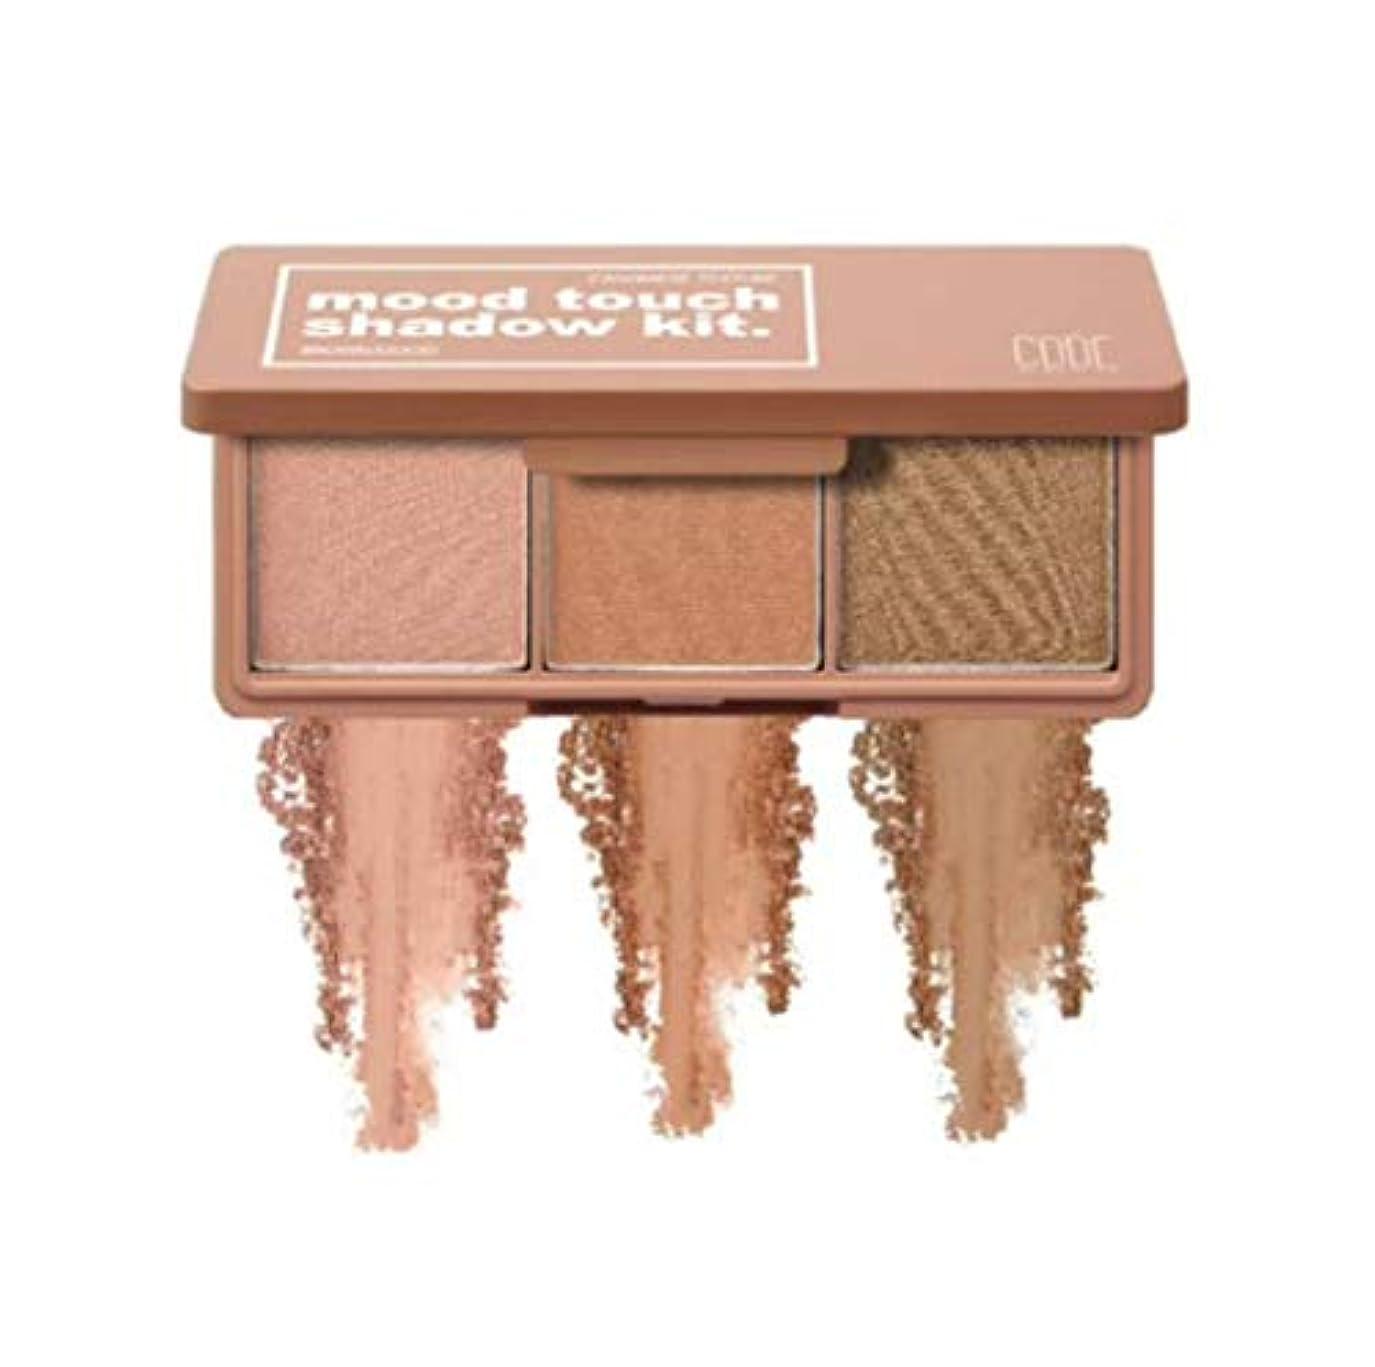 シチリア押すインテリア[CODE] Mood Touch Shadow Kit.陰影シャドウキット # 01 Brown Mood(並行輸入品)